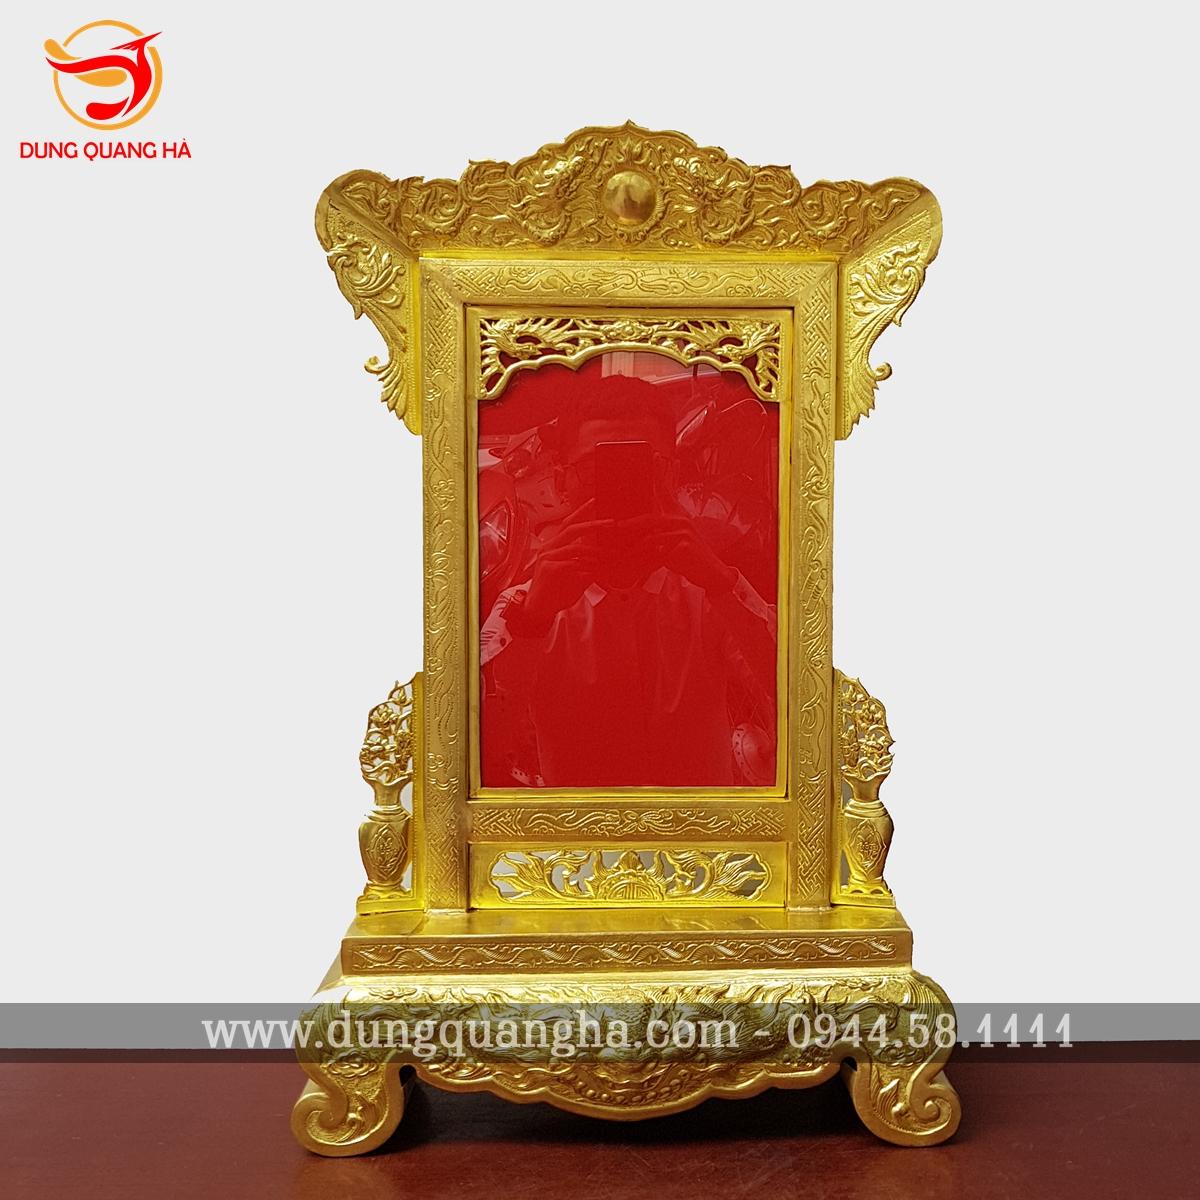 Khung ảnh thờ đồng vàng hoa văn tinh xảo